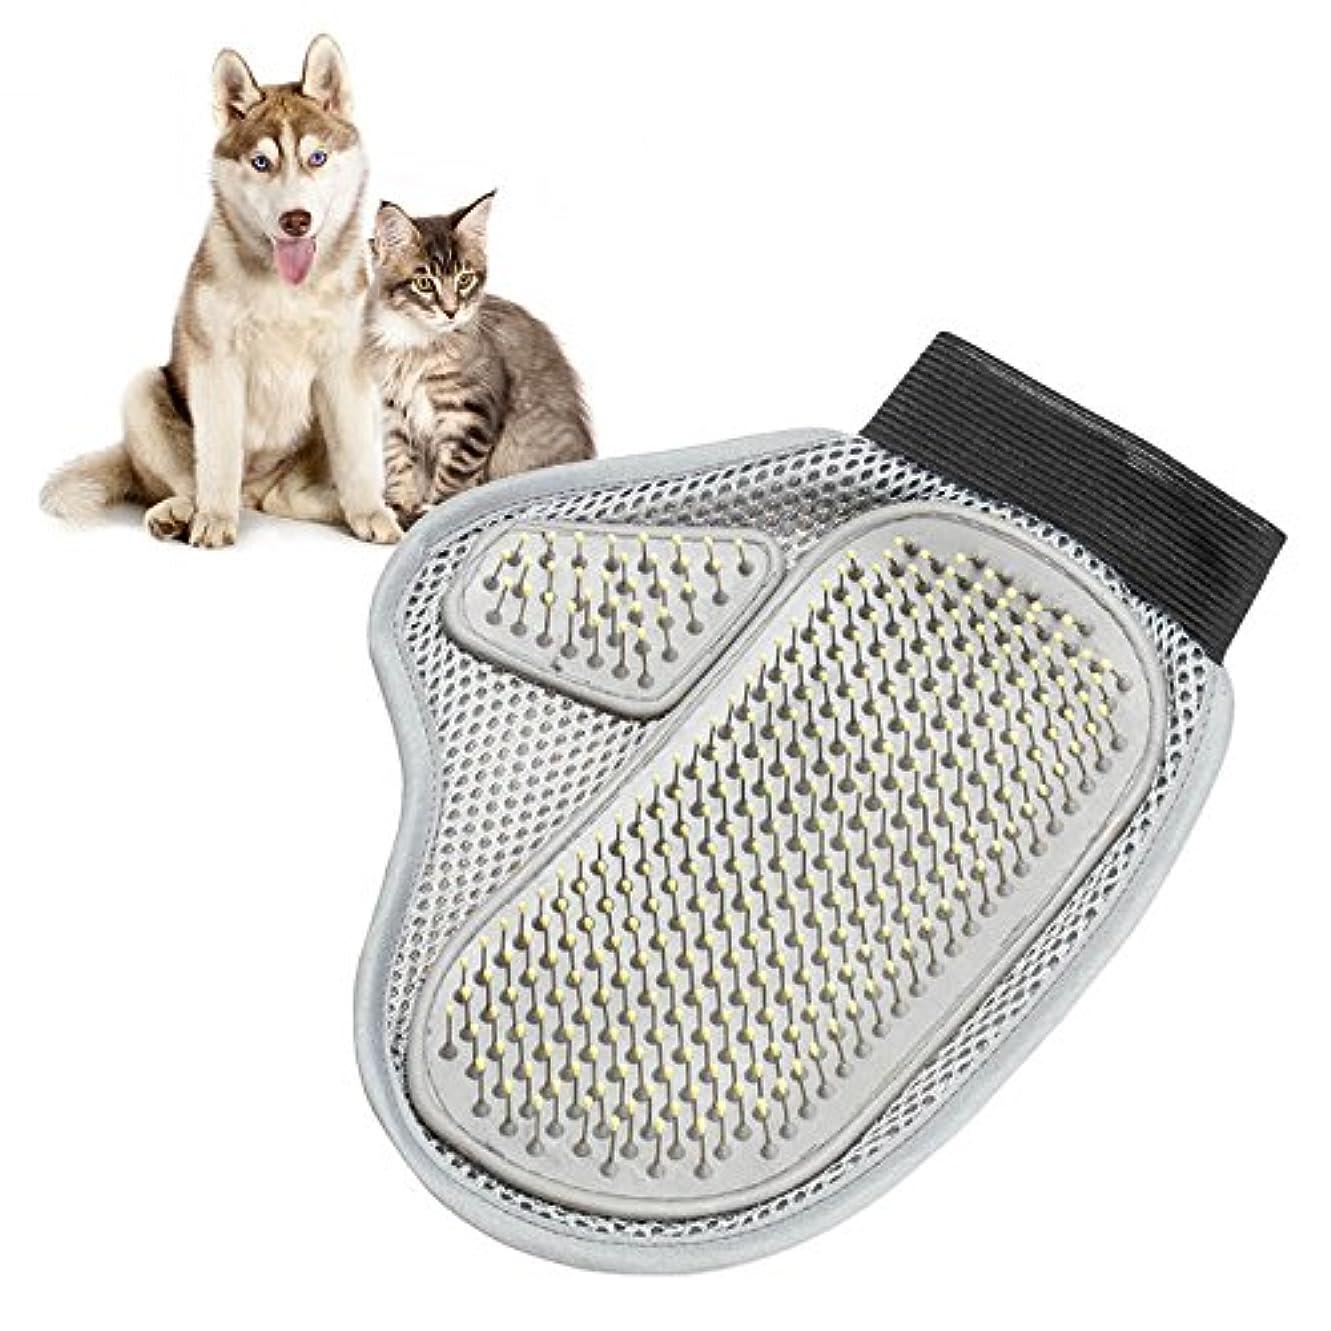 少ない安全な破滅BTXXYJP ペット ブラシ 手袋 猫 ブラシ グローブ クリーナー 耐摩耗 抜け毛取り マッサージブラシ 犬 グローブ (Color : Gray, Size : M)